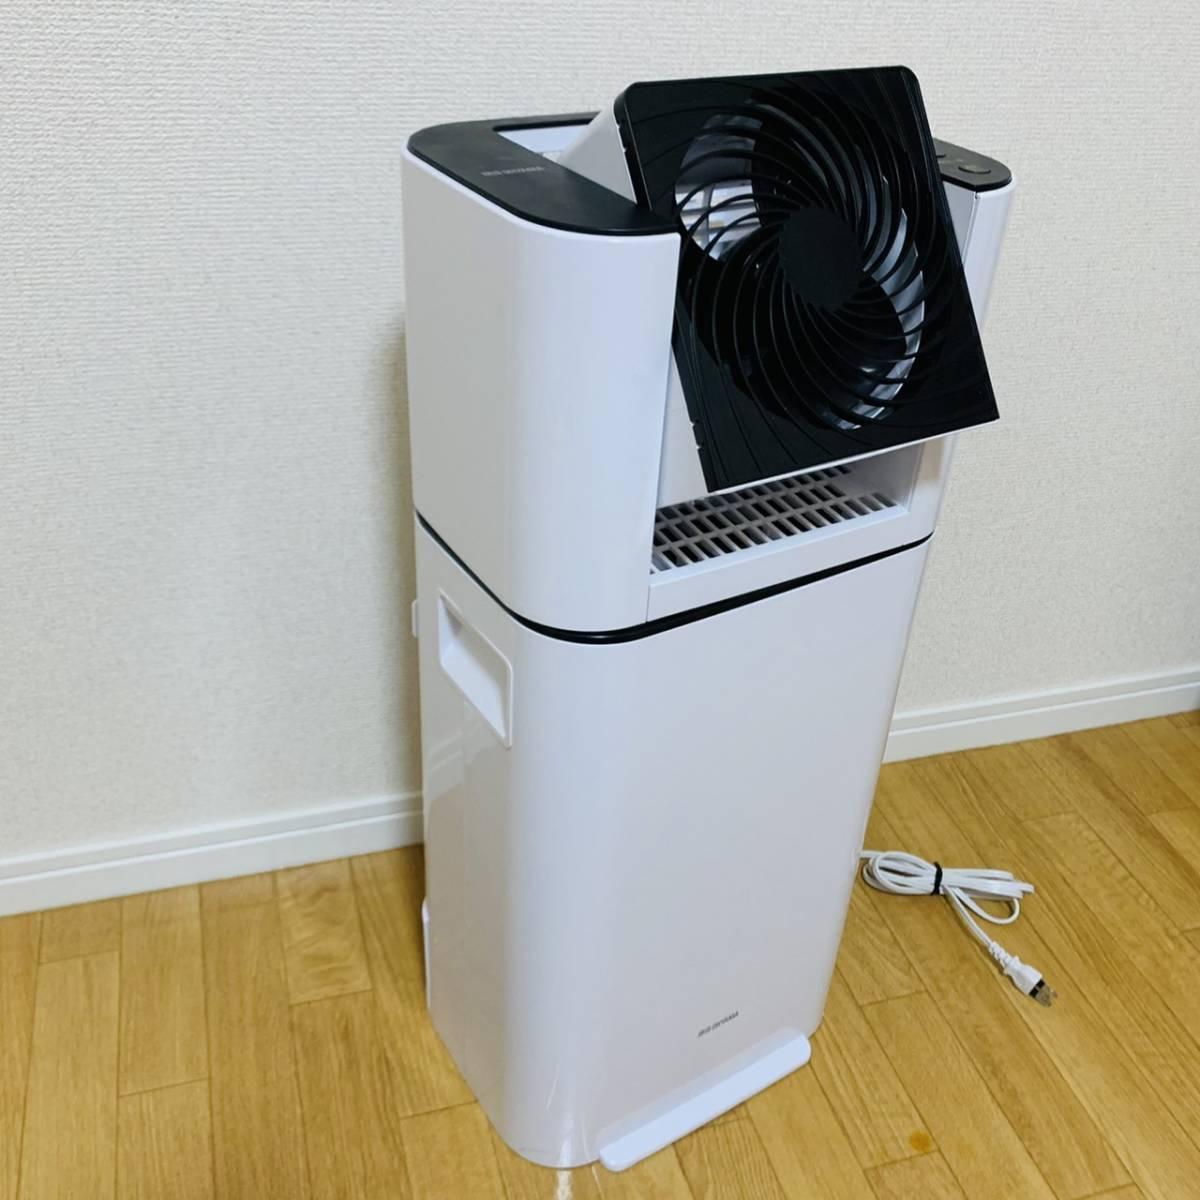 美品! アイリスオーヤマ IJD-I50 衣類乾燥除湿機 スピード乾燥 サーキュレーター機能付 デシカント式 ホワイト 扇風機 衣類乾燥機 送風_画像2